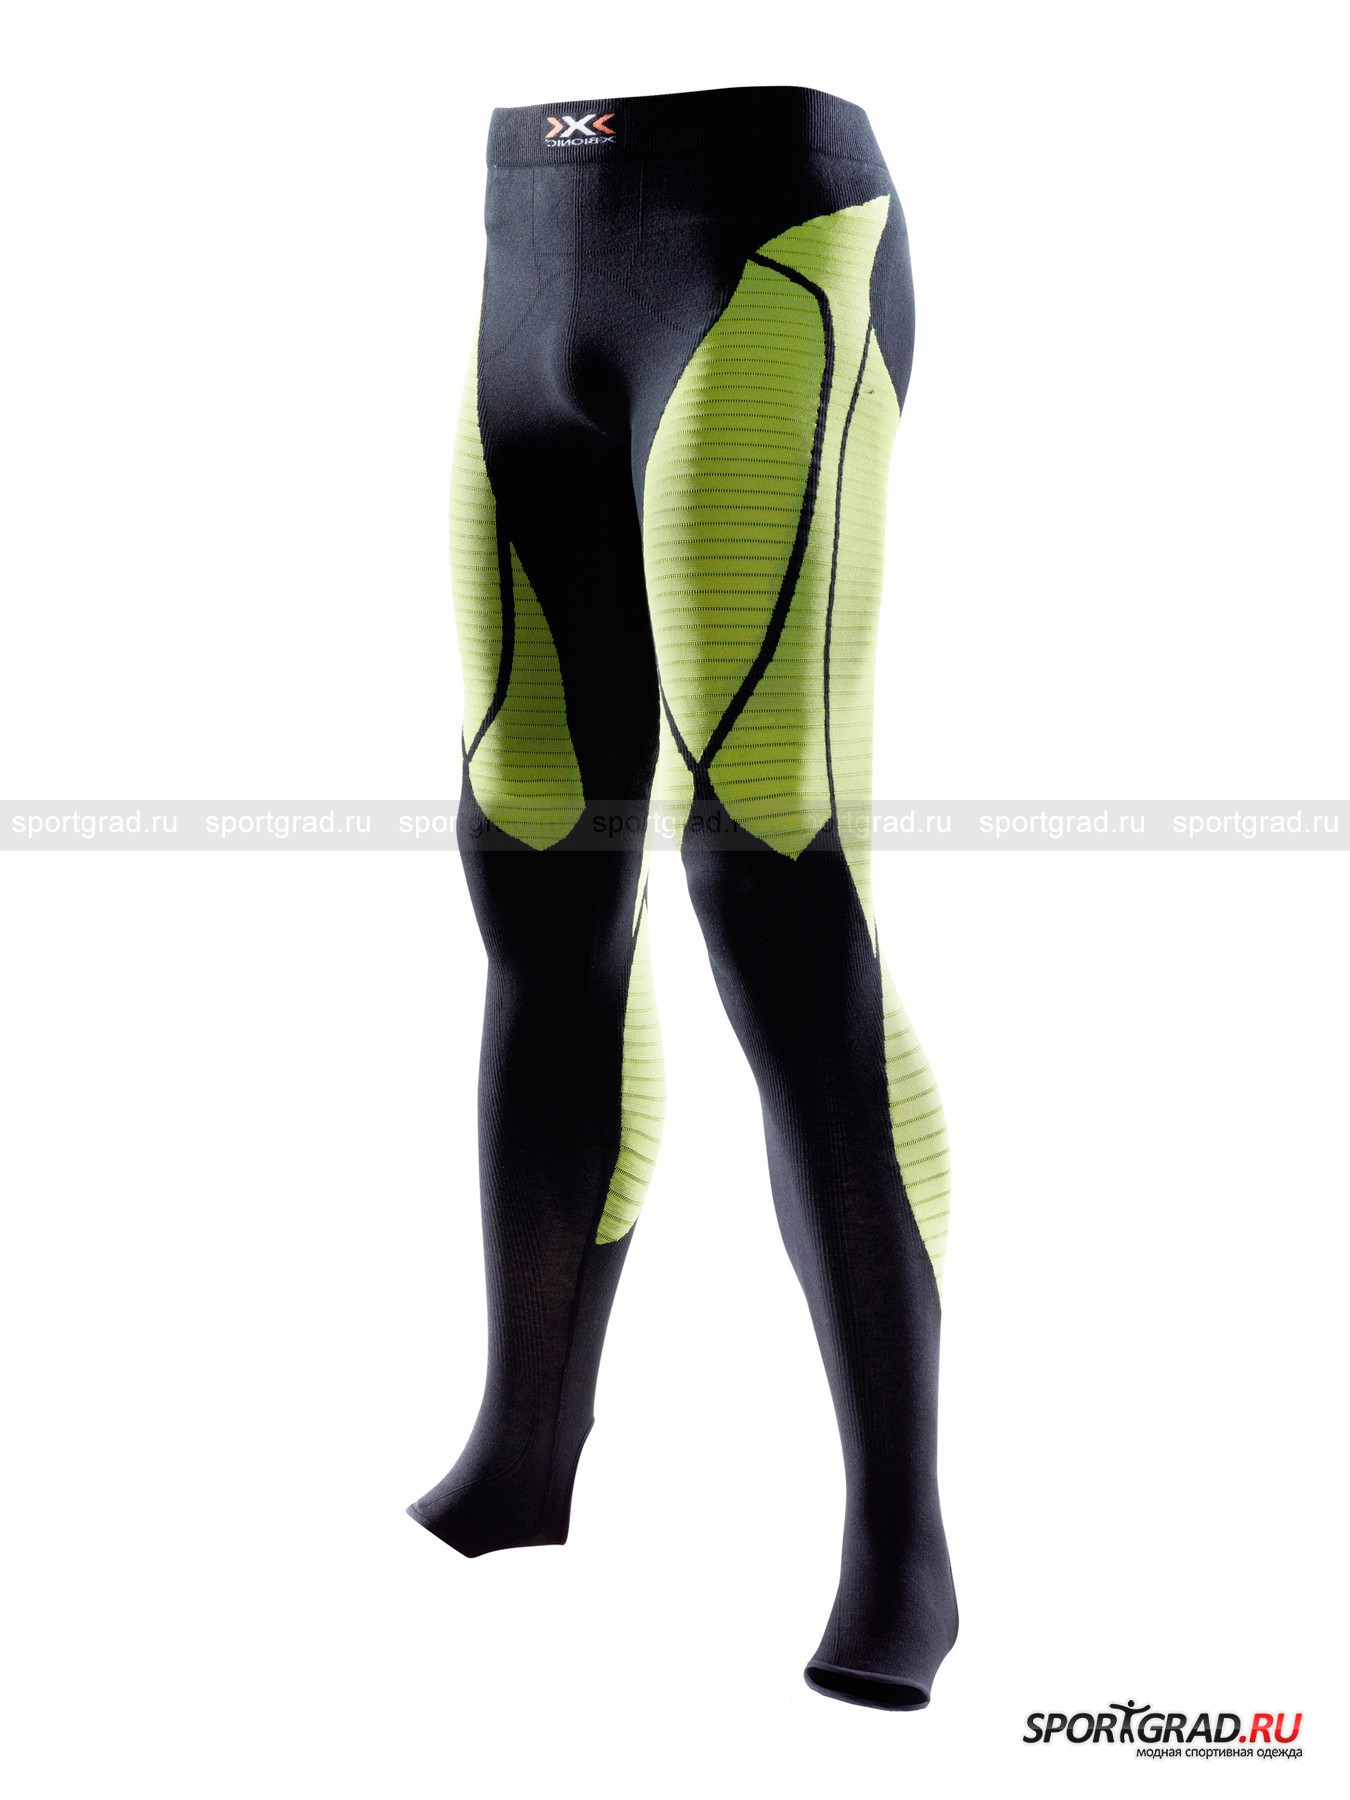 Белье: термолеггинсы мужские Precuperation Pant long X-BIONIC для сна и отдыхаЛеггинсы, Рейтузы<br>Первое в мире мужское восстанавливающее белье для ночного отдыха после изматывающих многочасовых тренировок – это больше, чем «пижама». Компания X-BIONIC представляет Вашему вниманию продуманно сконструированное изделие, способное задействовать естественные процессы регенерации организма во время сна на каждом из 24-х циклов обновления!<br>Грамотно распределенная компрессия (Partial Compression) не препятствует охлаждению крови или ее циркуляции, потому как эффект давления на тело приходится не всей площадью эластичного полотна, а избирательно. К примеру, зона пониженной компрессии в области коленных и тазобедренных суставов снимает с данных областей нагрузку. Специальные же насечки на внешней стороне ноги и голенях, напротив, способствуют лимфатическому дренажу, глубокому массажу проприорецепторов, выводу молочной кислоты из мышц и даже сращению микроразрывов волокон. Расположенная под коленом сеточка с нулевой изоляцией без риска переохлаждения обеспечивает испарение выделяемой влаги и излишков тепла, поддерживая тем самым идеальный температурный баланс во время сна, при котором Вам будет исключительно комфортно, а не жарко или холодно.<br>Таким образом, за ночь Ваши  мускулы не потеряют своей эластичности и тонуса, а Вы, проснувшись с утра, будете чувствовать себя прекрасно отдохнувшим, значительно посвежевшим и бодрым, как огурчик!  <br>_______<br>* Термокальсоны мужские Precuperation Pant long X-BIONIC – сильное сжатие.<br><br>Пол: Мужской<br>Возраст: Взрослый<br>Тип: Леггинсы, Рейтузы<br>Рекомендации по уходу: Изделию показана щадящая стирка с нейтральными моющими средствами в теплой воде при температуре строго 40°С. Запрещены глажка, отбеливание, химчистка и сушка в стиральной машине или электросушилке для белья.<br>Состав: 50% хлопок, 32% полиамид, 18% эластан